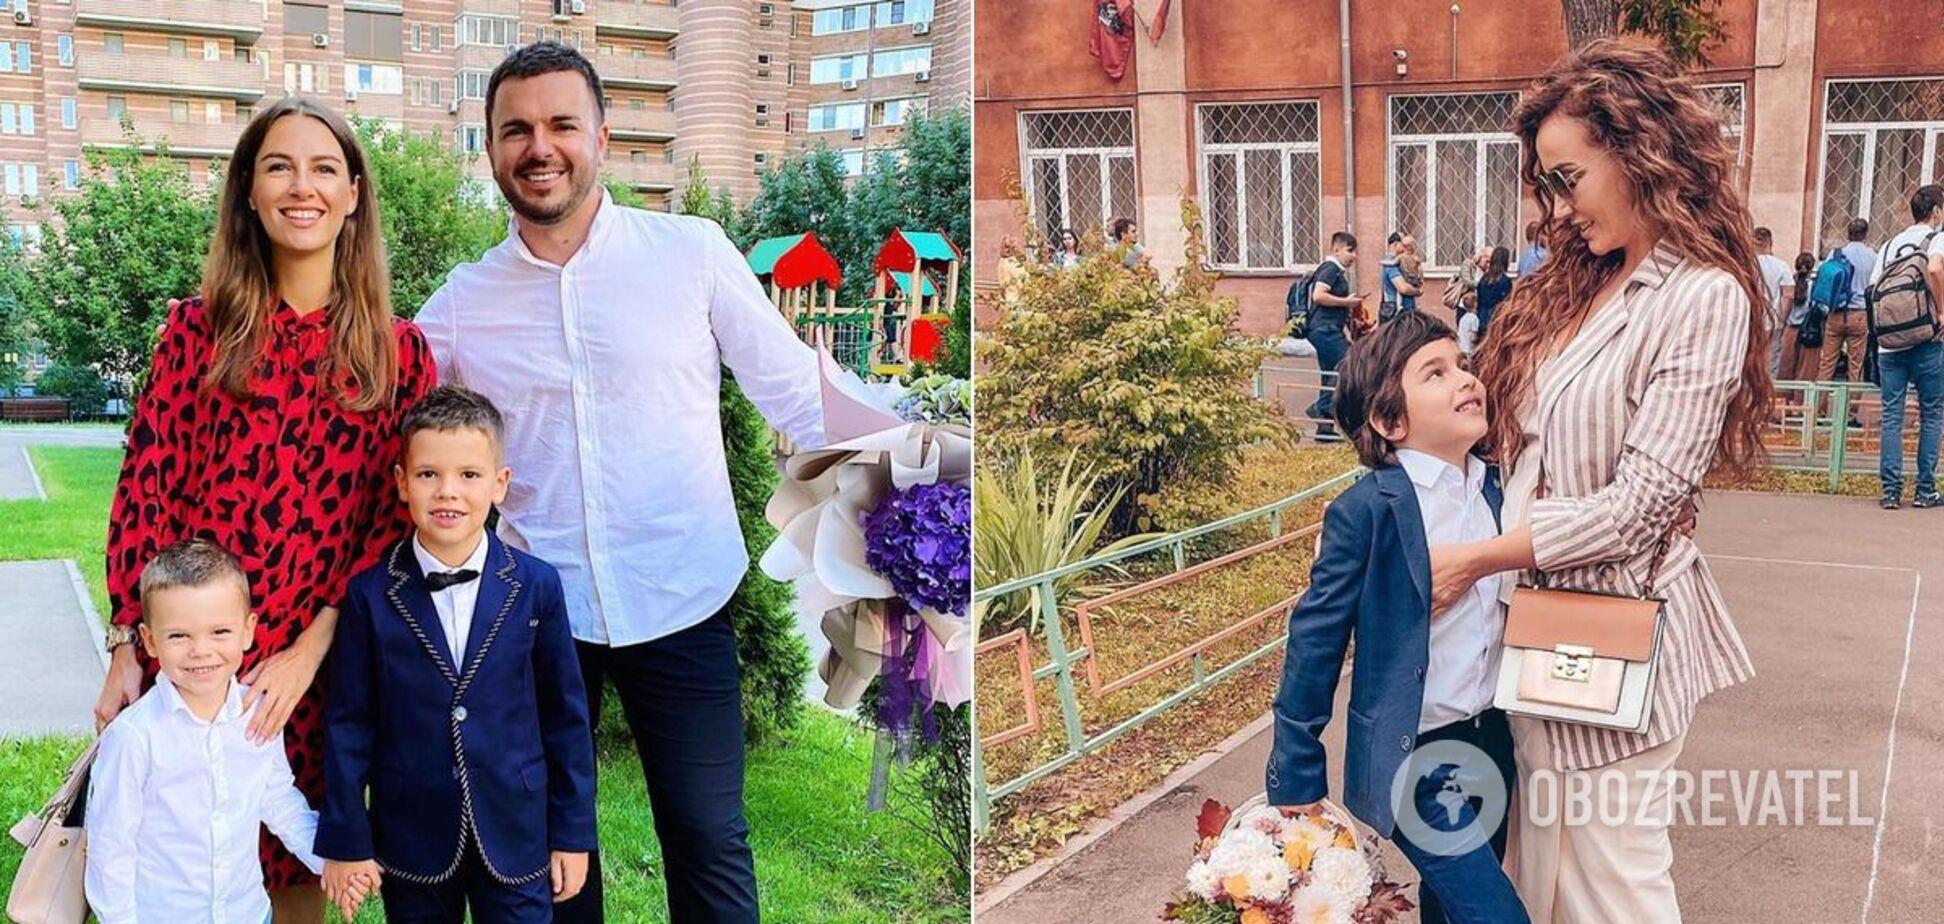 Решетник, Чехова, Борисова и другие: как знаменитости повели детей в школу. Фото